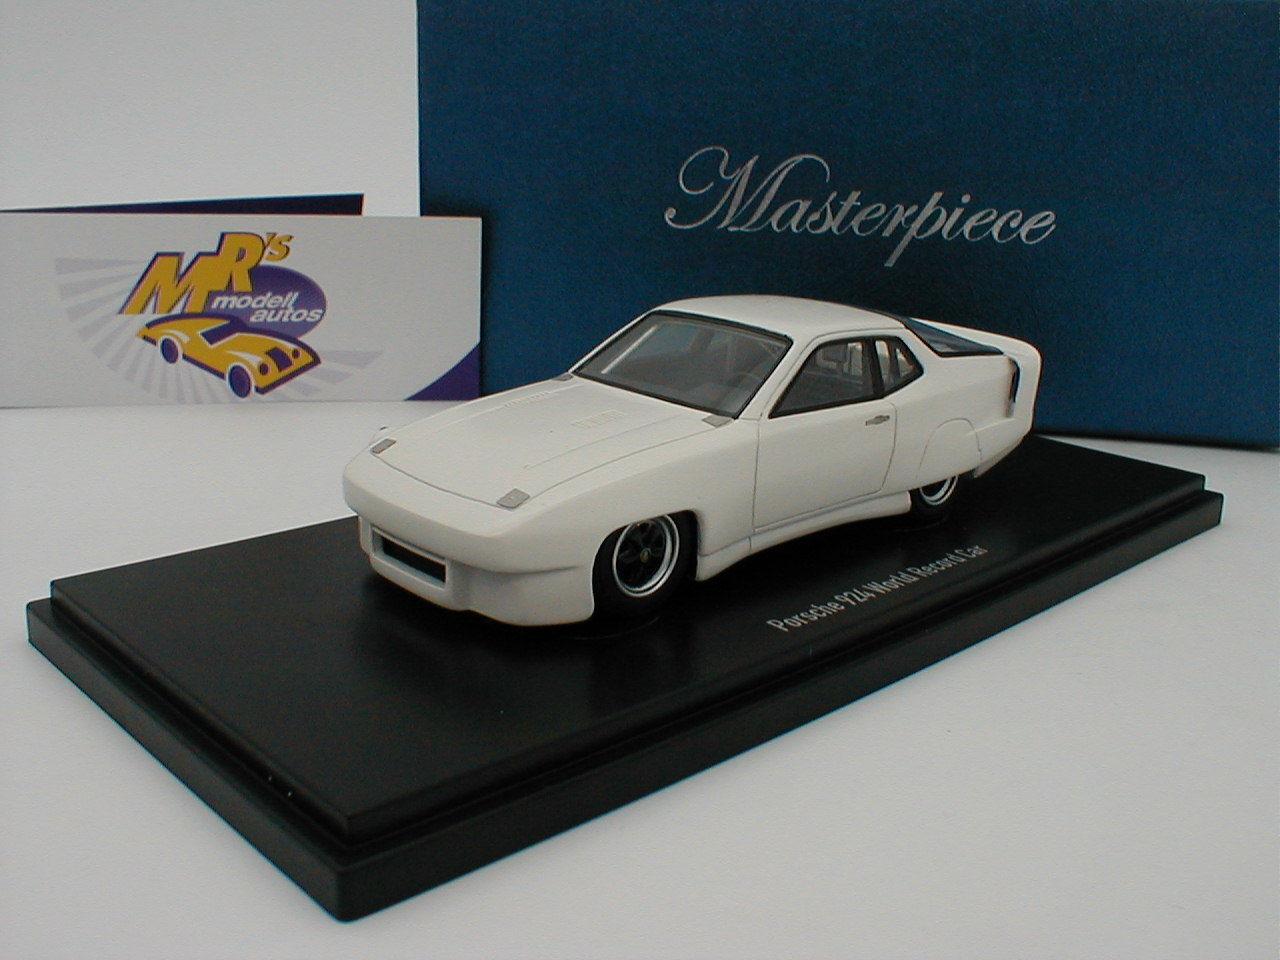 Autocult Masterpiece 90072-Porsche 924 World Record Car Predotye in White 1 43